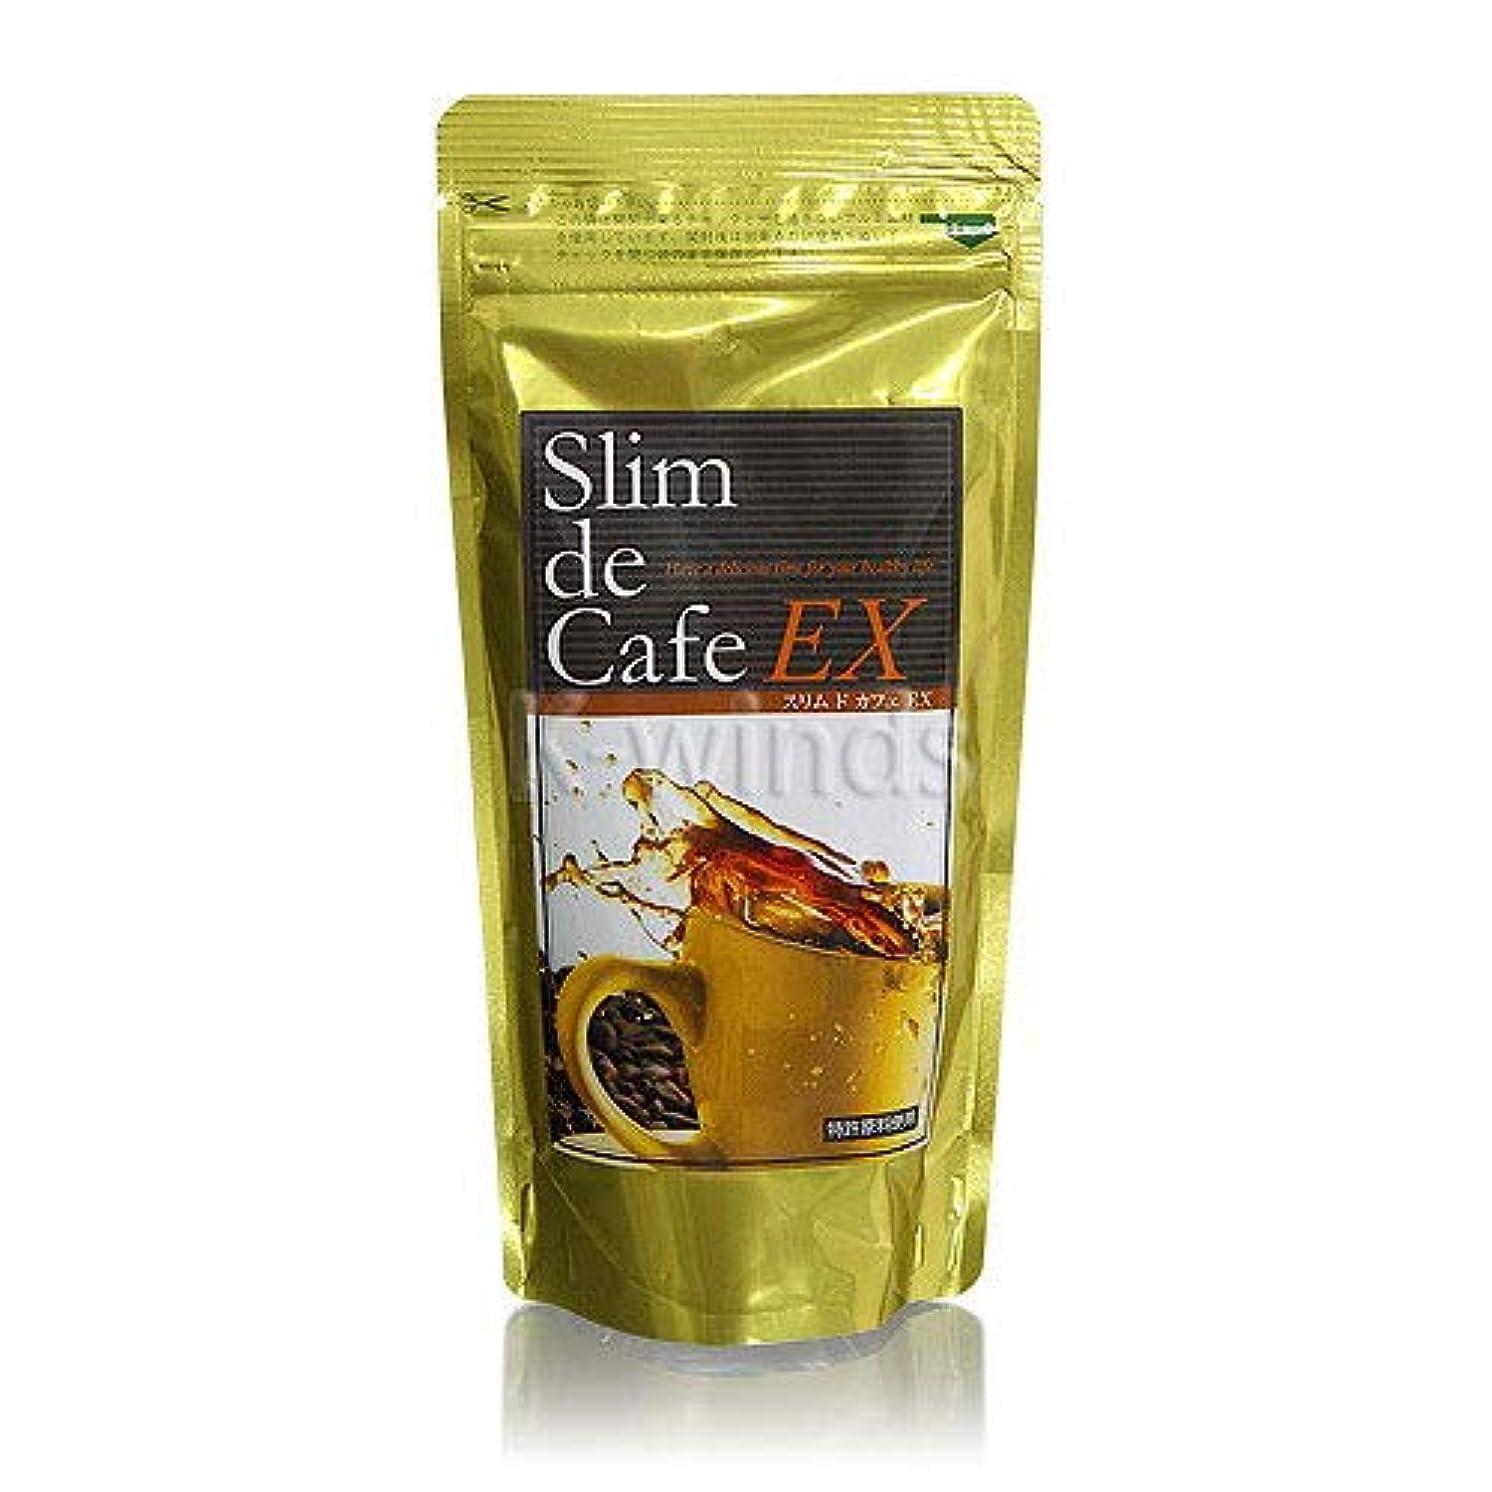 毎週不愉快クレデンシャルスリムドカフェ EX (コーヒー粉末)100g 3袋セット